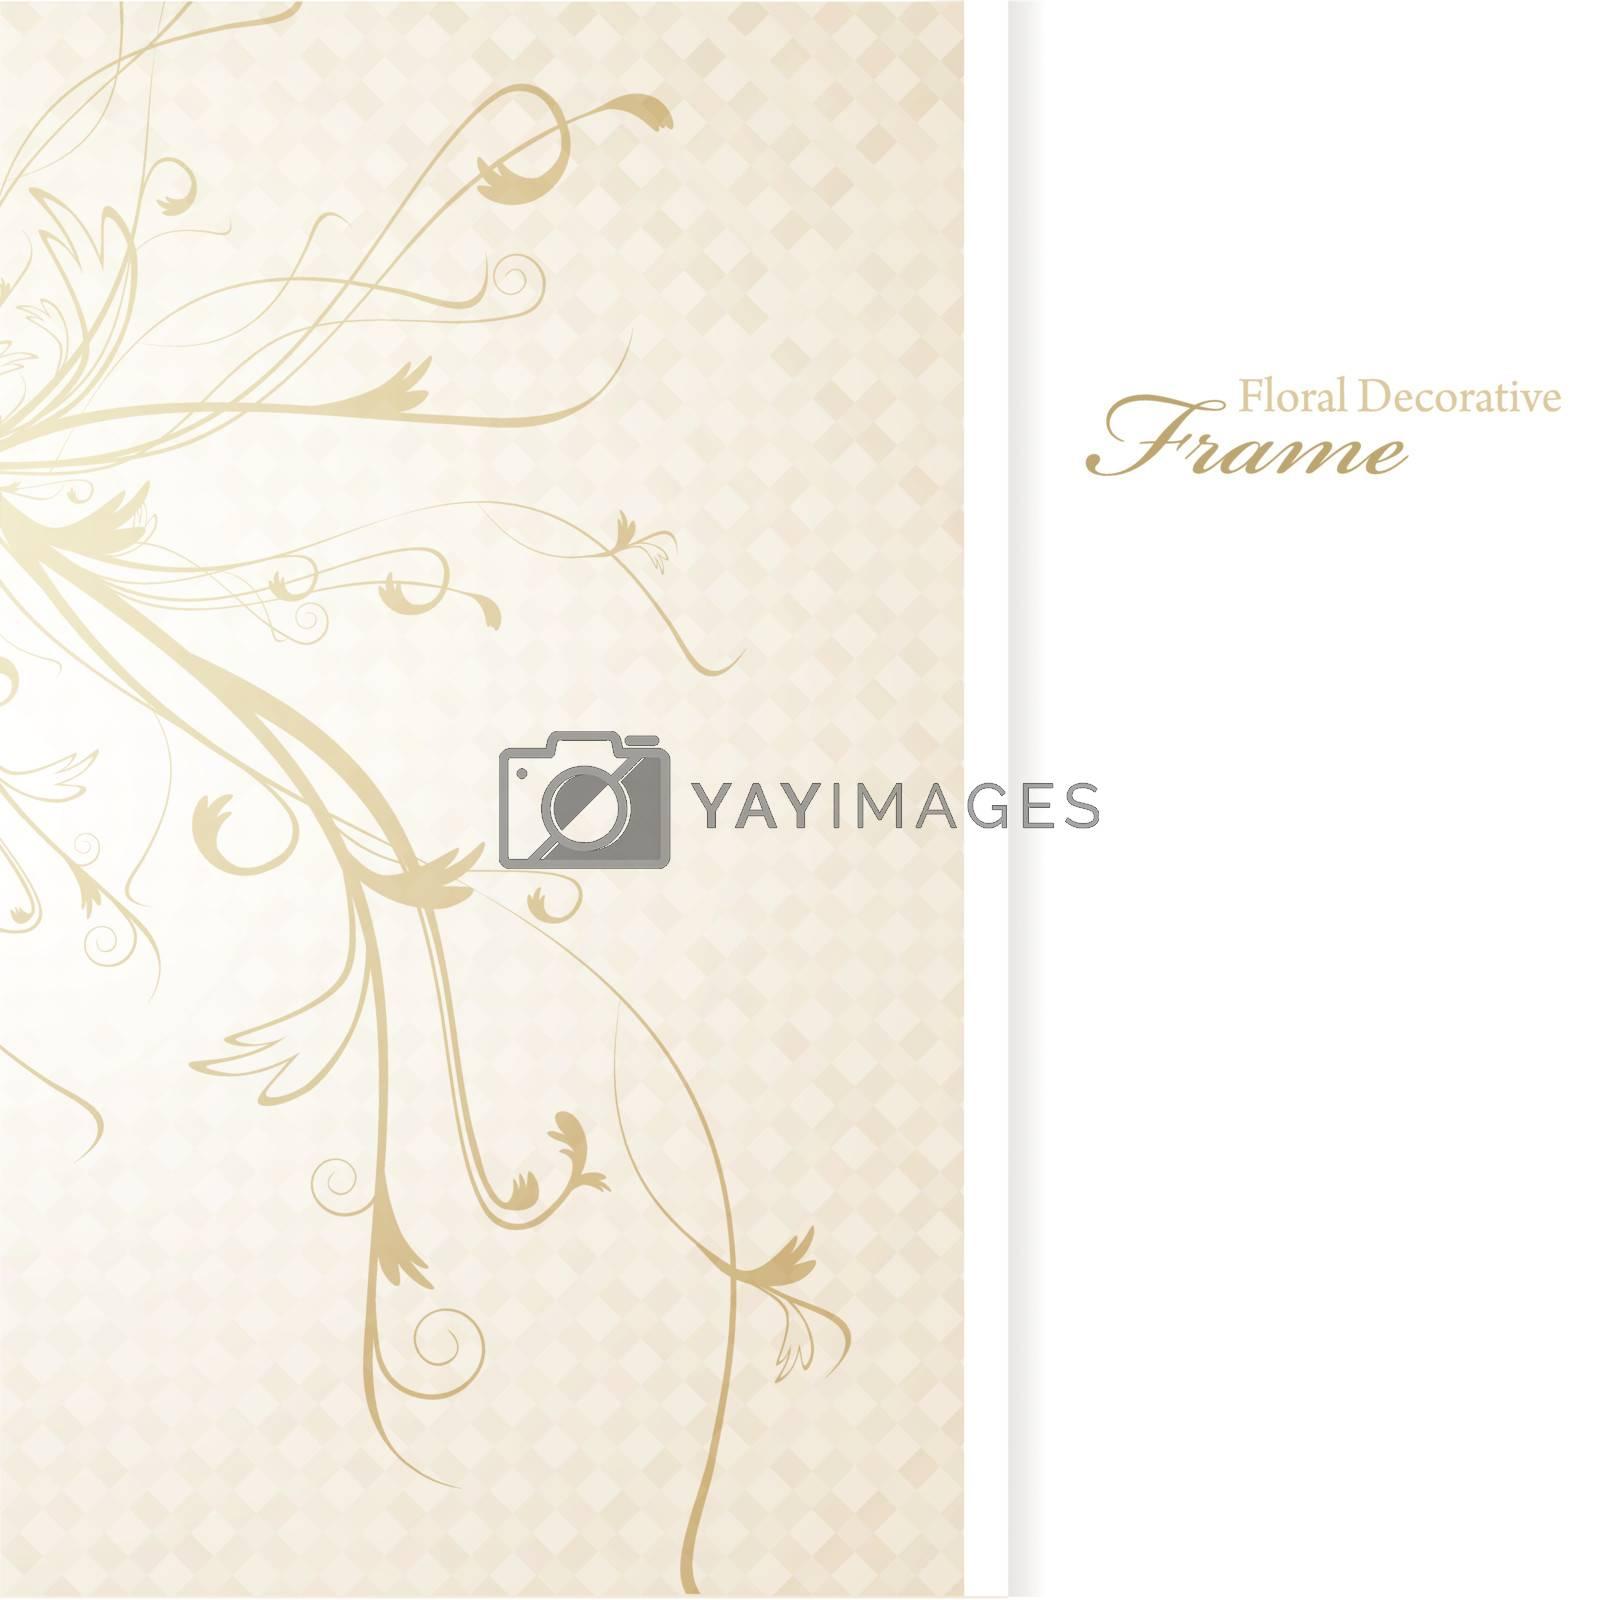 illustration of decorative floral frame in beige, copyspace